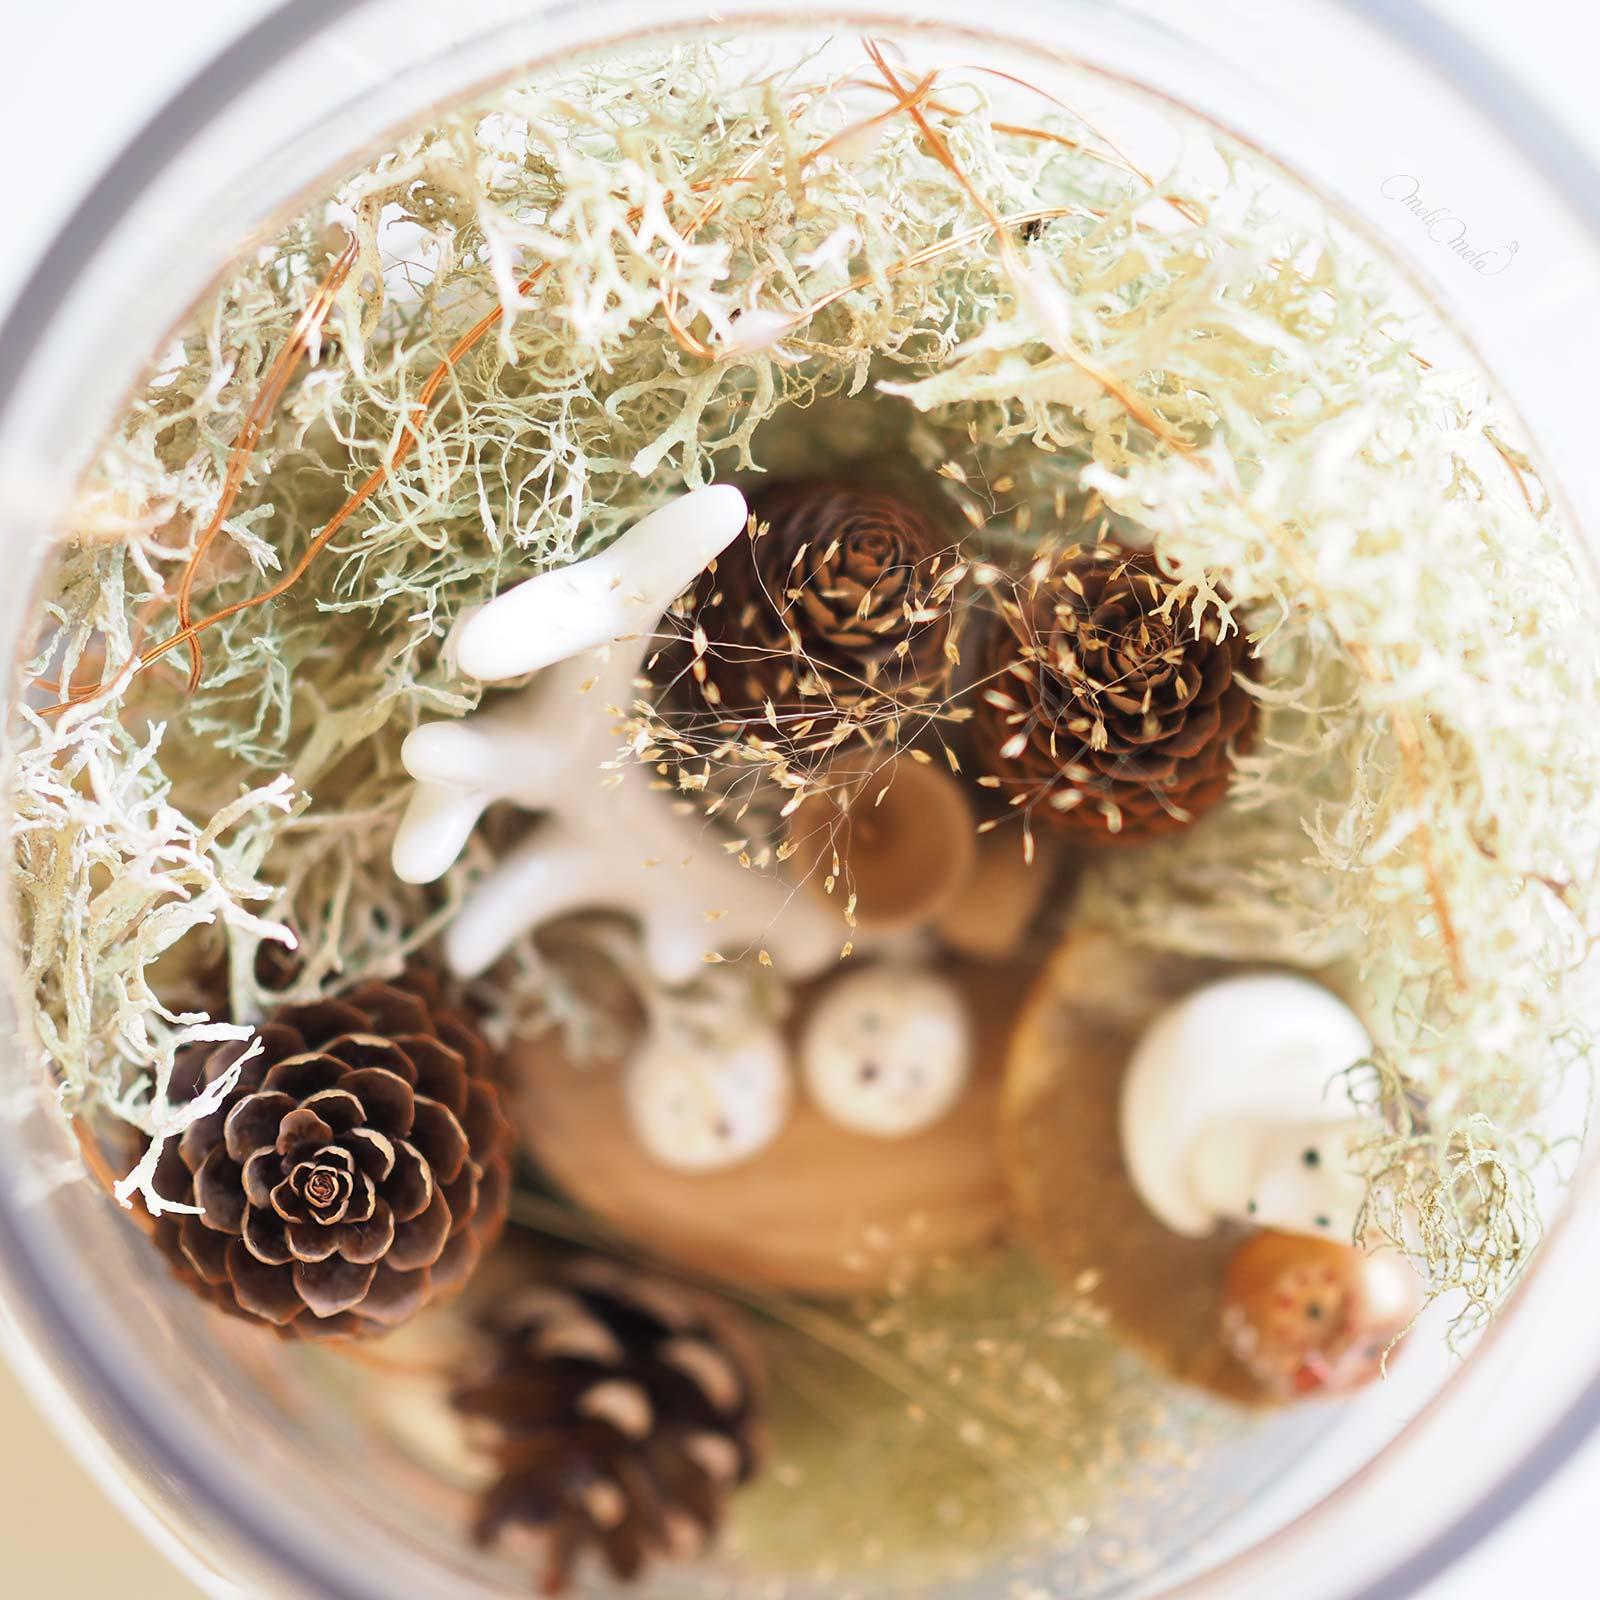 diy noëlarium renard chouette herbes mousse  déco fêtes noël laboutiquedemelimelo